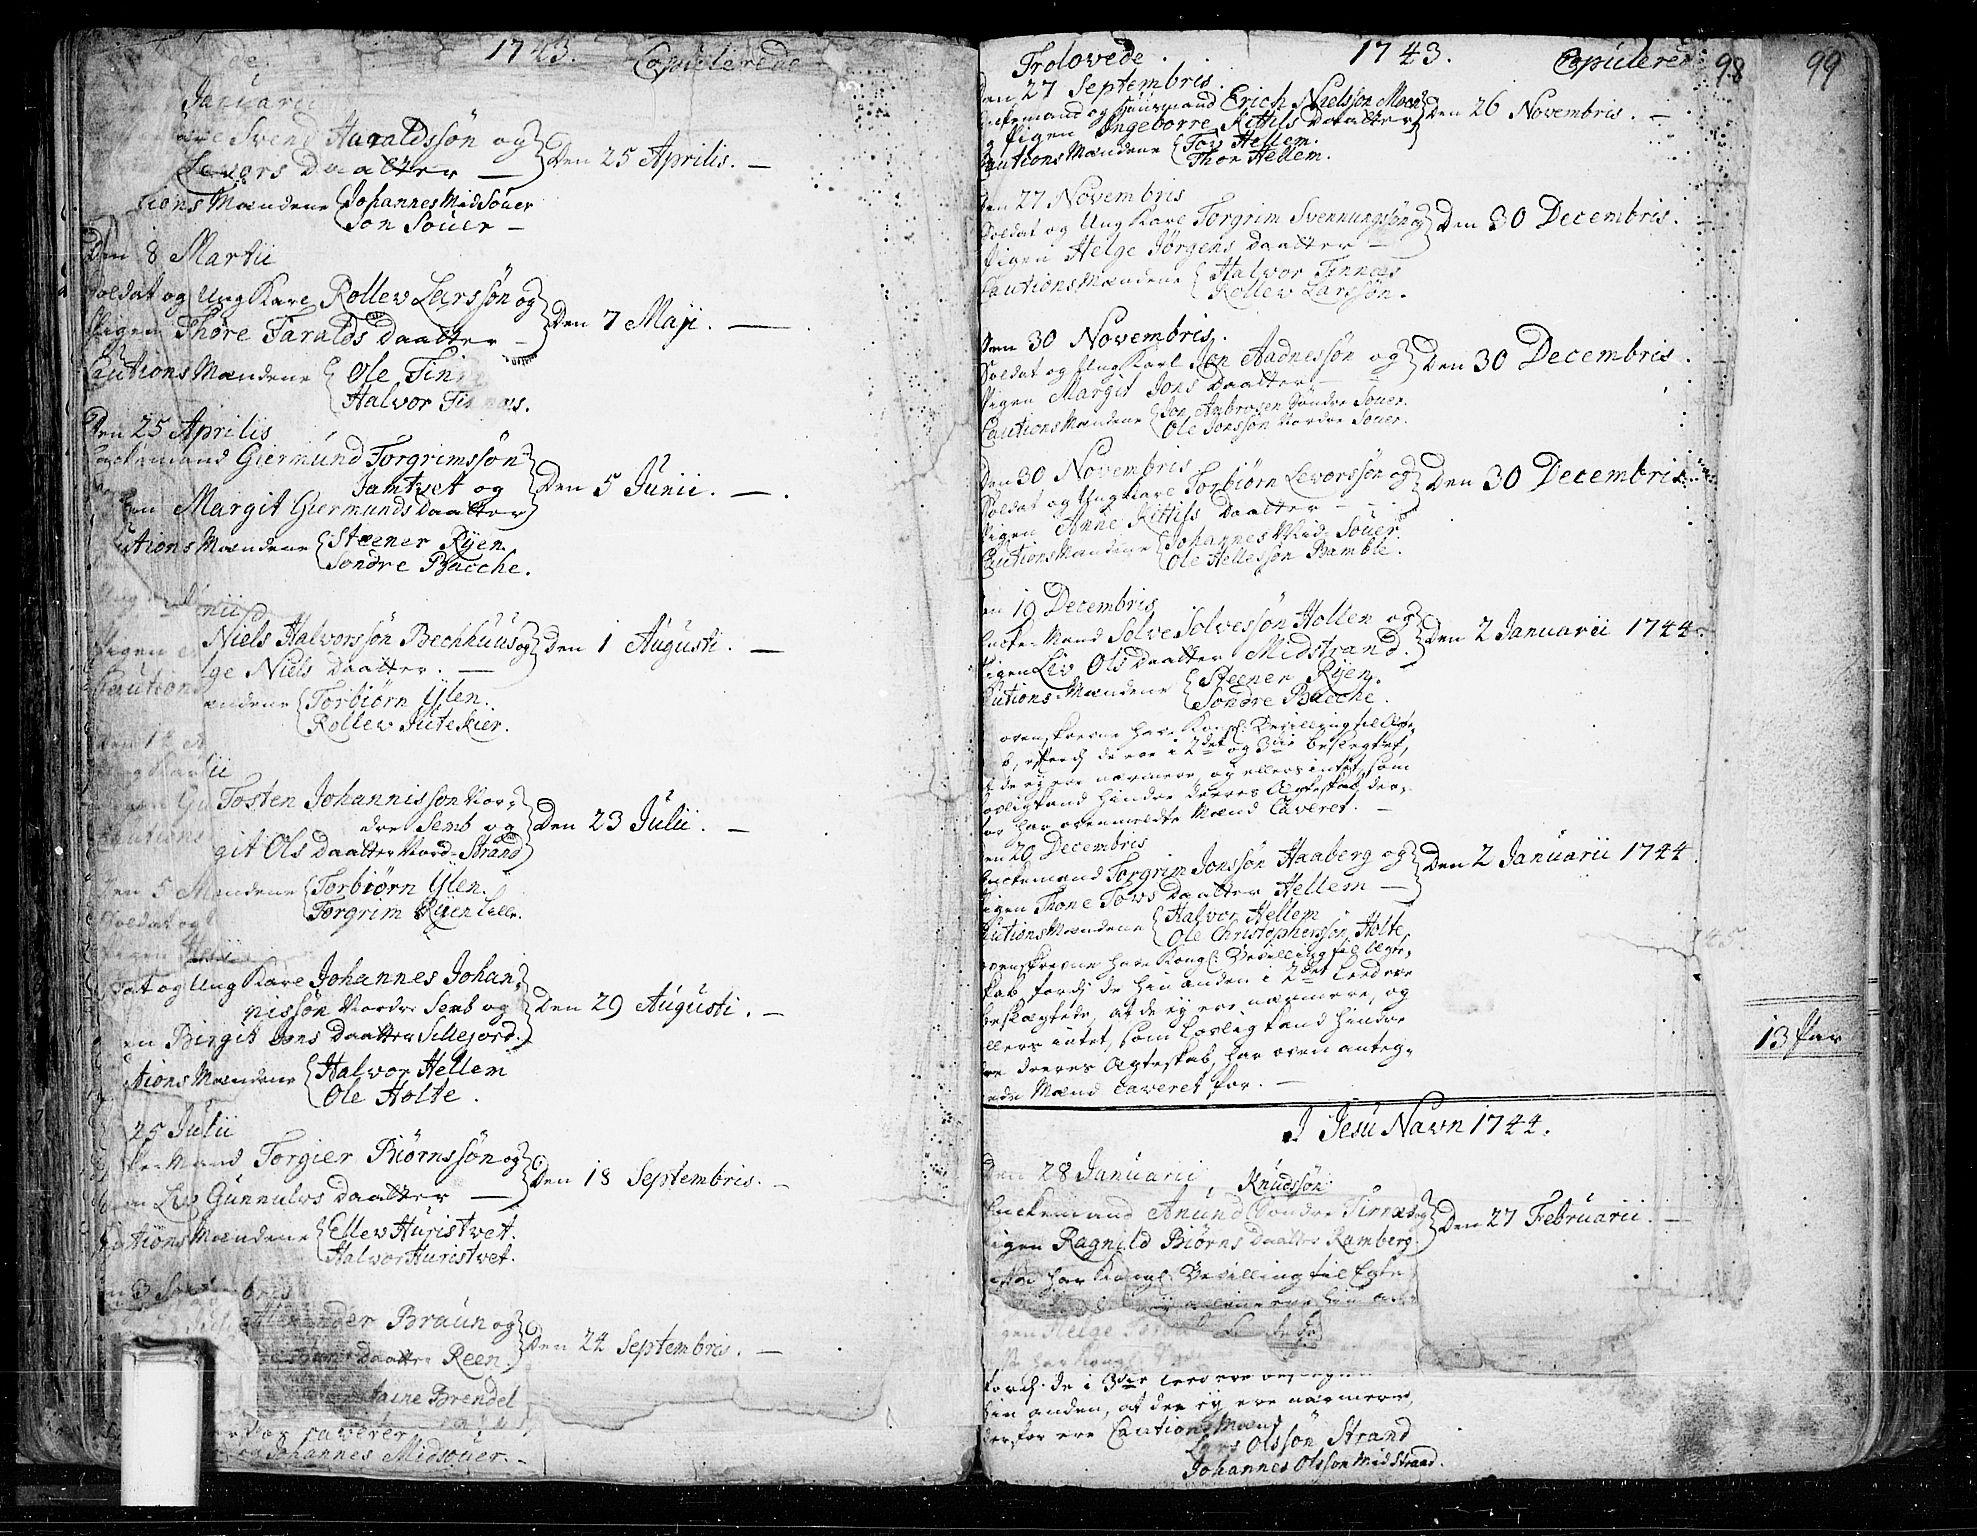 SAKO, Heddal kirkebøker, F/Fa/L0003: Ministerialbok nr. I 3, 1723-1783, s. 98